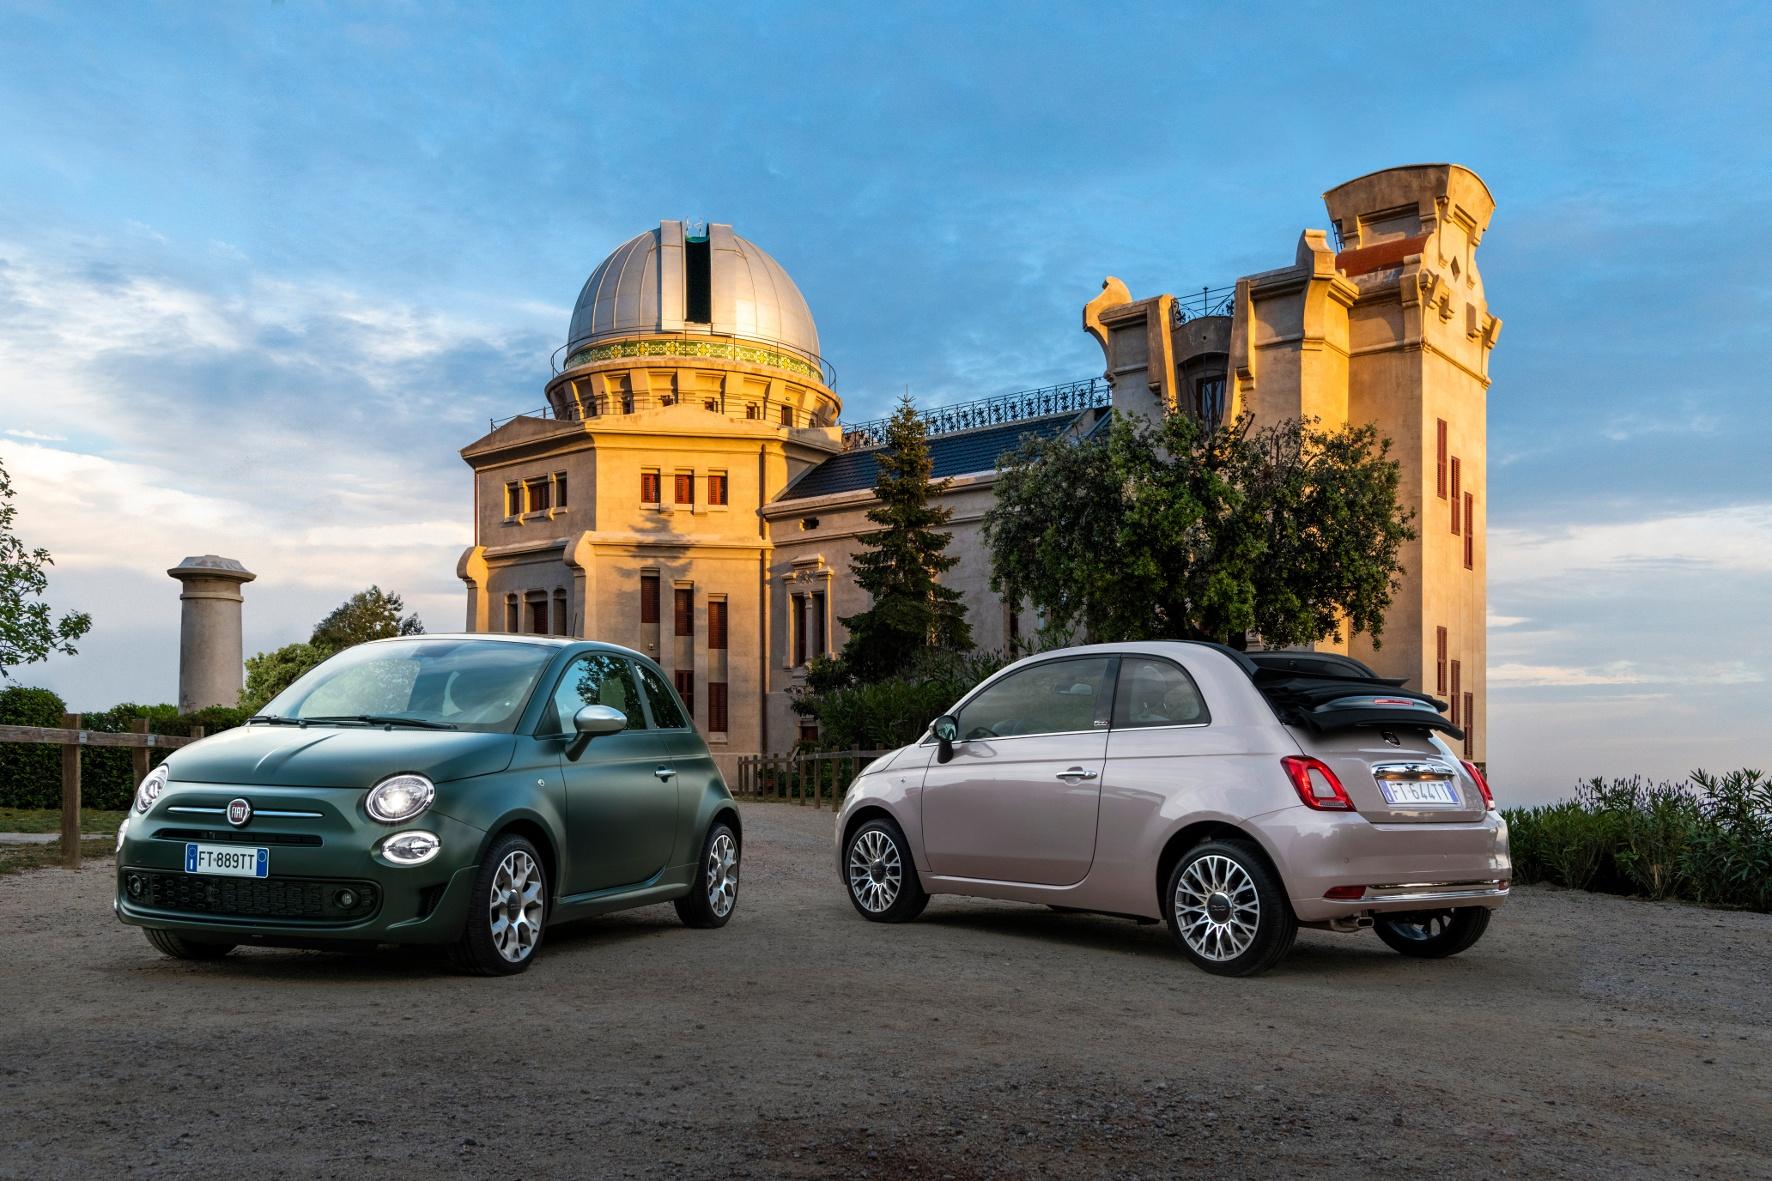 Italo-Autobauer legt neue City-Flitzer Modelle nach Geschlechterrollen fest